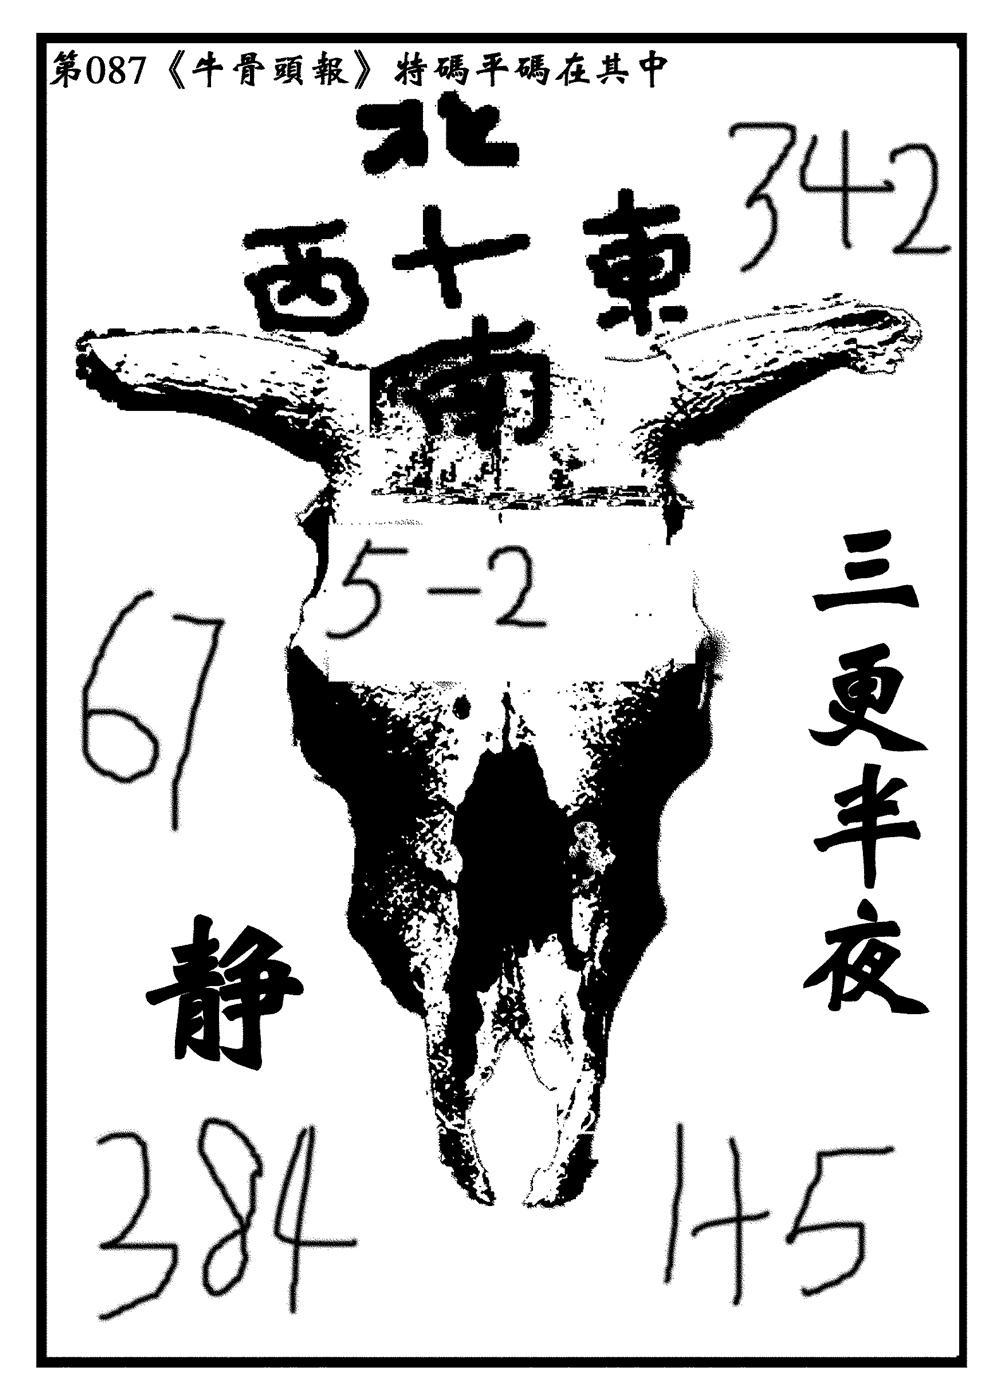 087期牛头报(黑白)